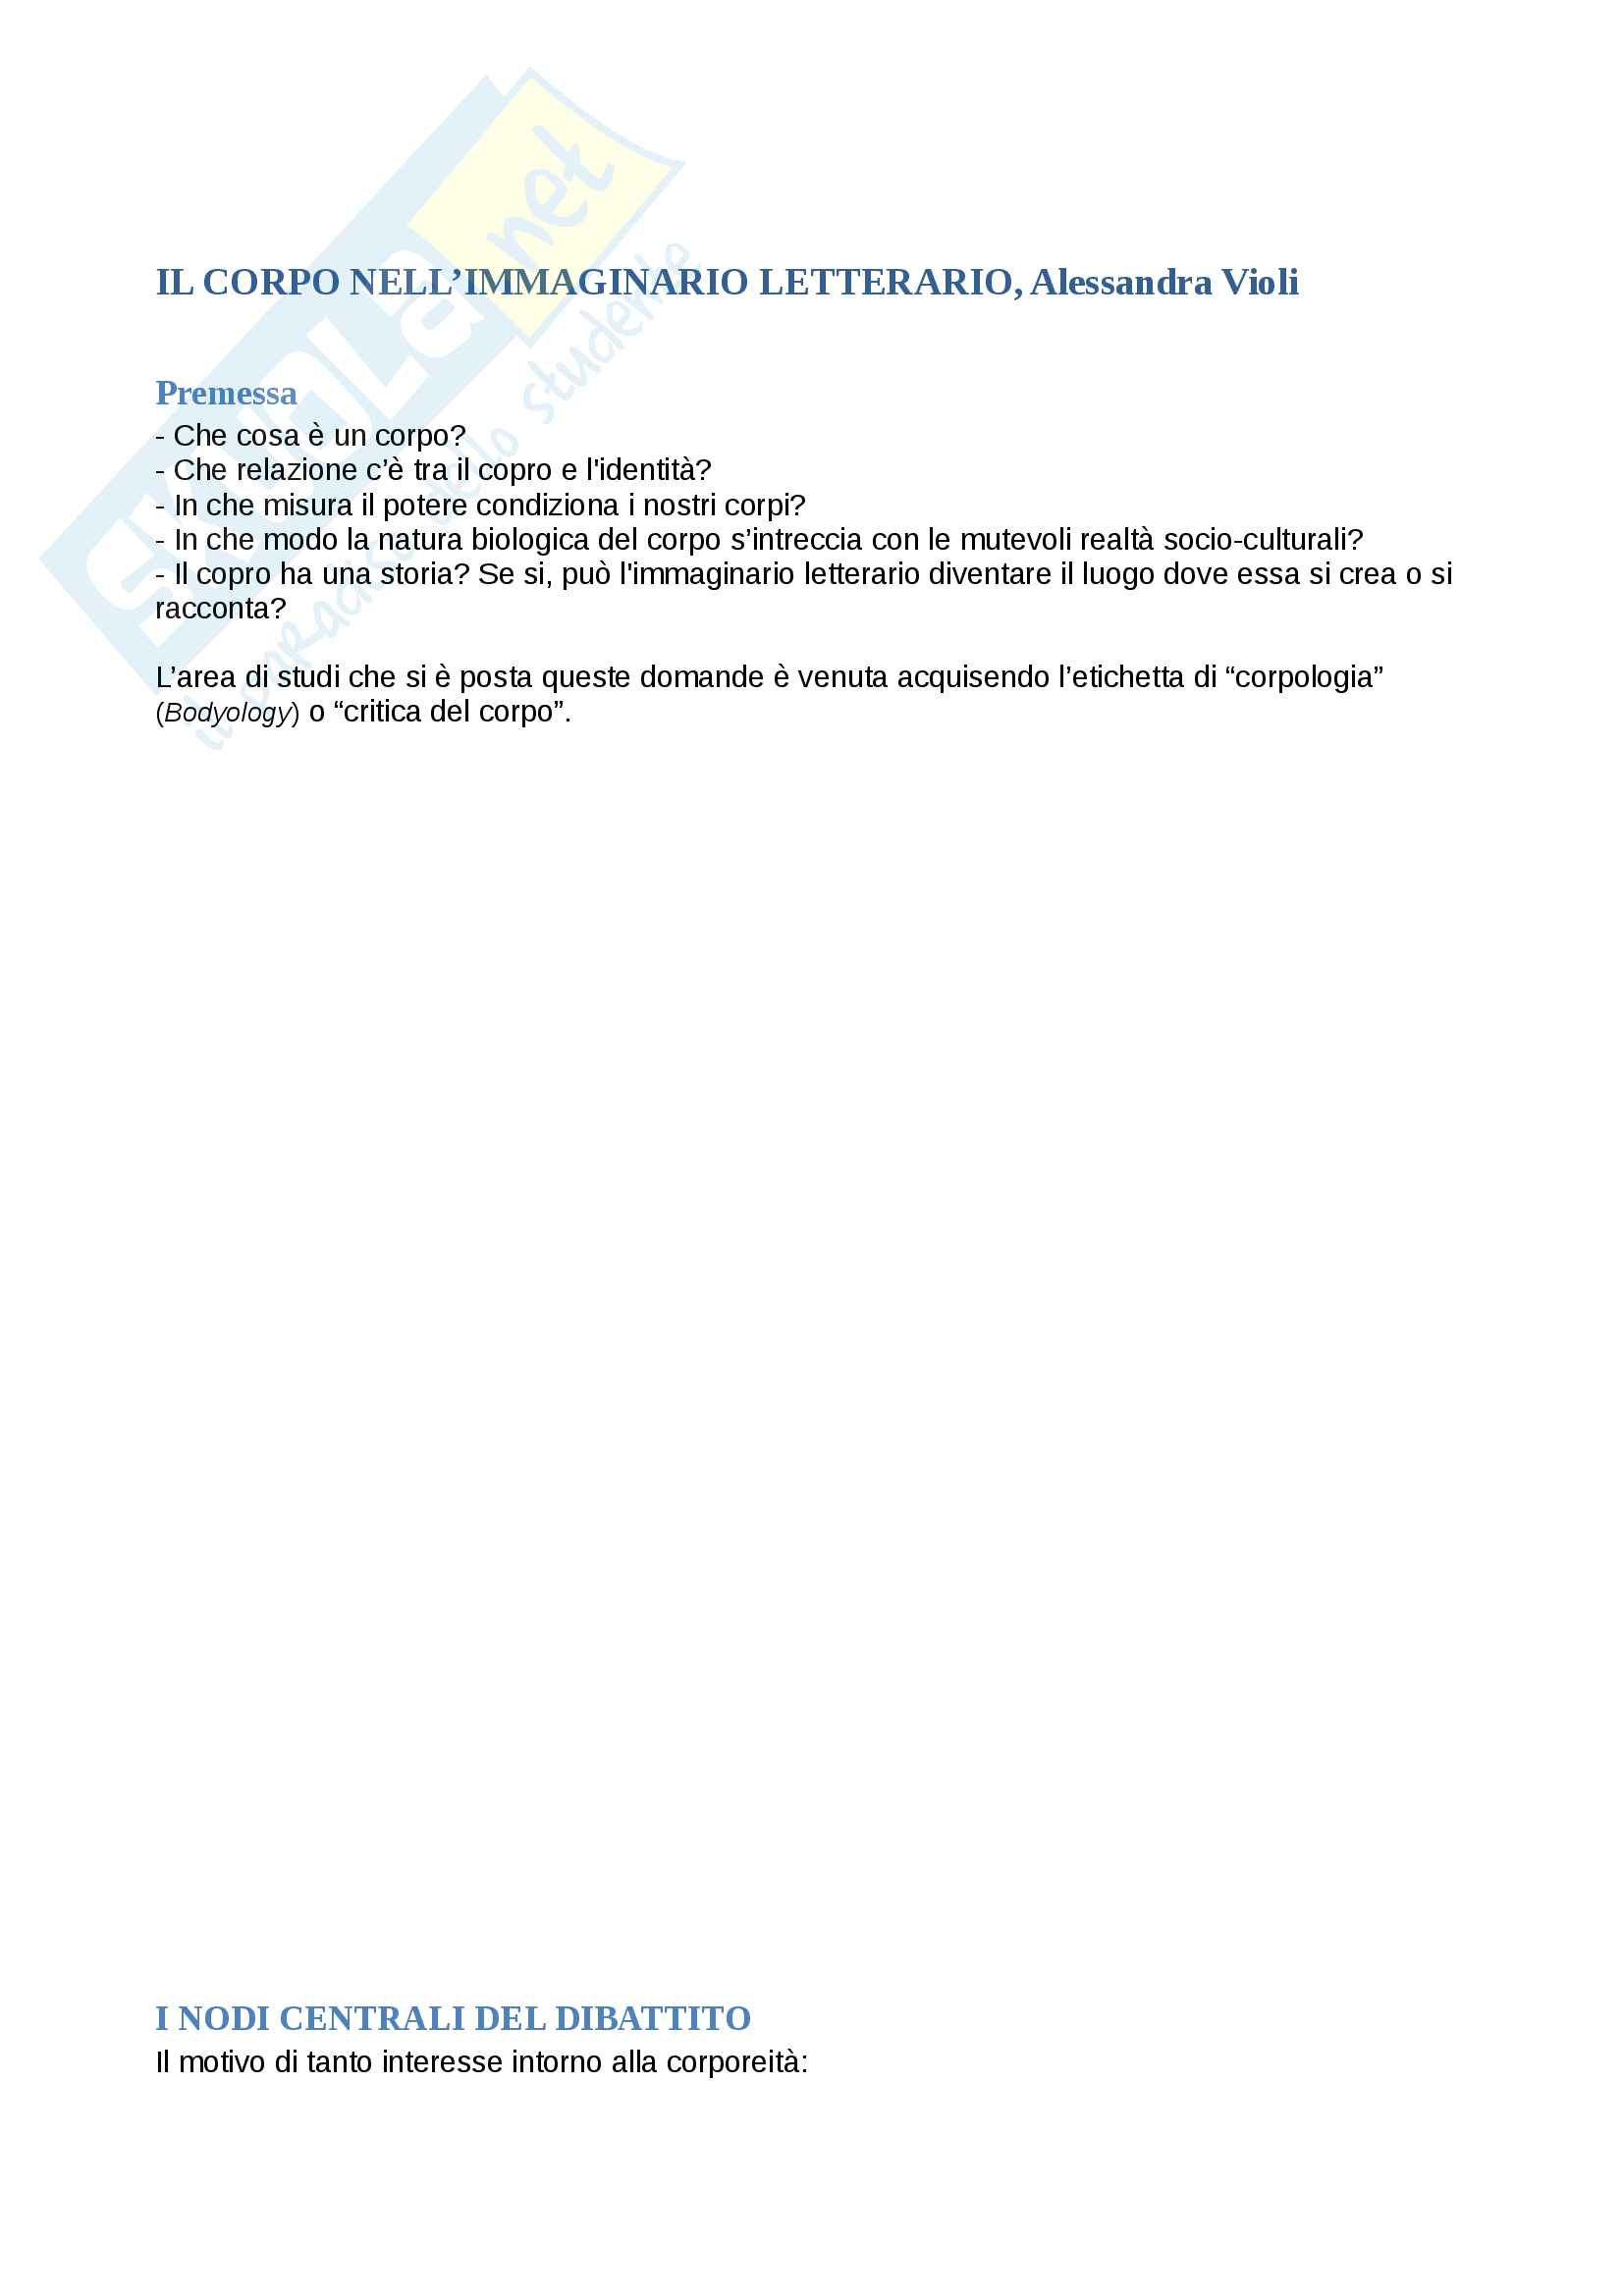 Riassunto esame Letteratura Inglese, docente Alessandra Violi, libro consigliato Il corpo nell'immaginario letterario, autore Alessandra Violi